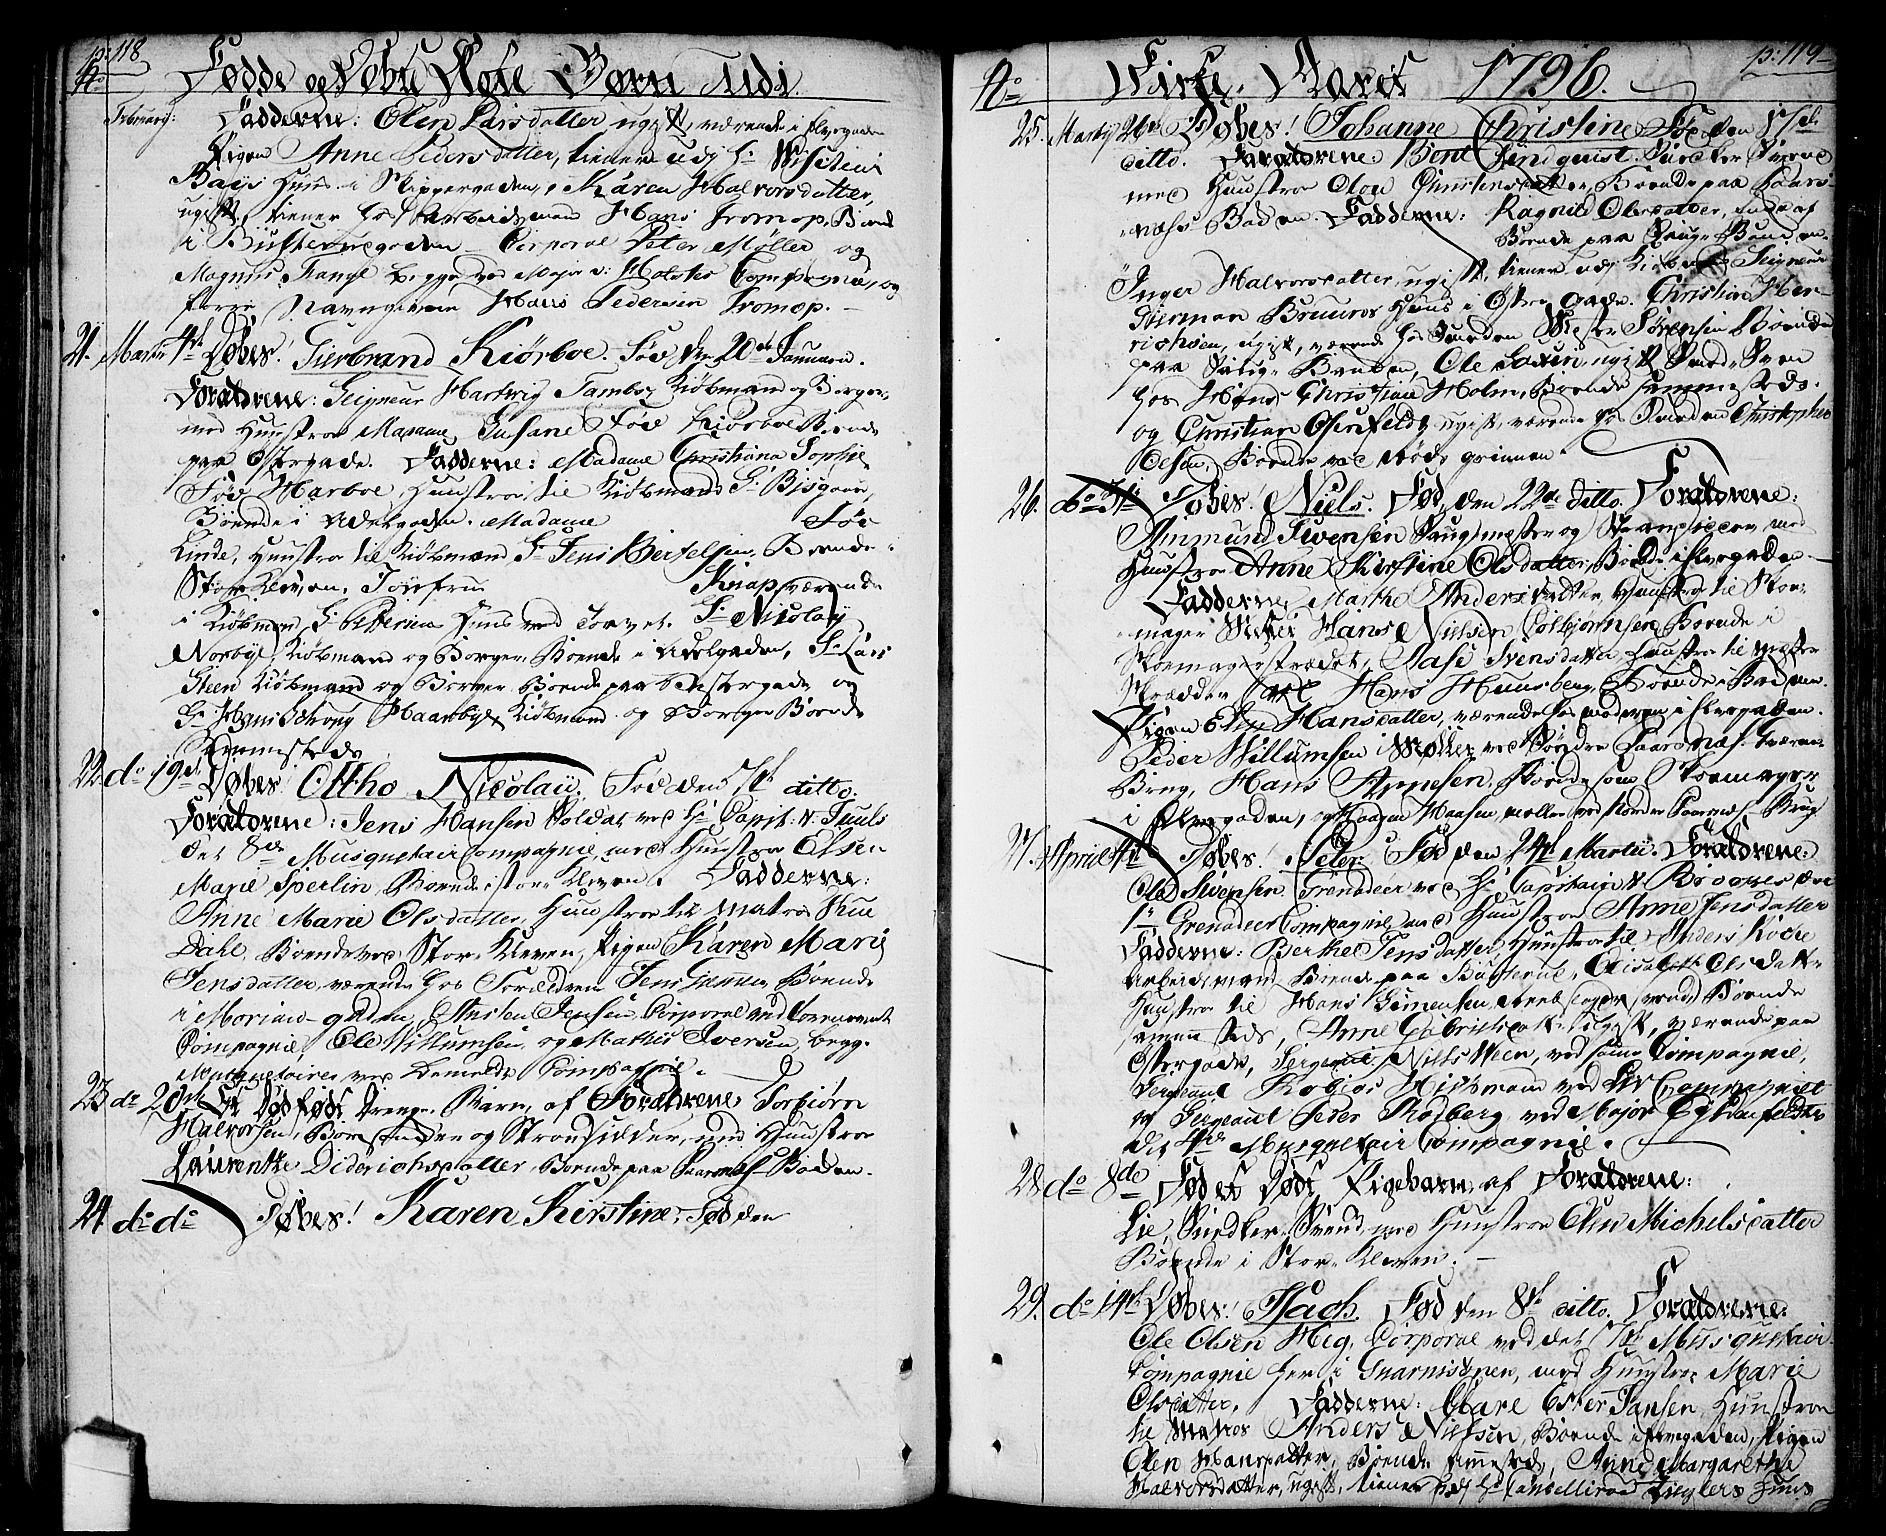 SAO, Halden prestekontor Kirkebøker, F/Fa/L0002: Ministerialbok nr. I 2, 1792-1812, s. 118-119